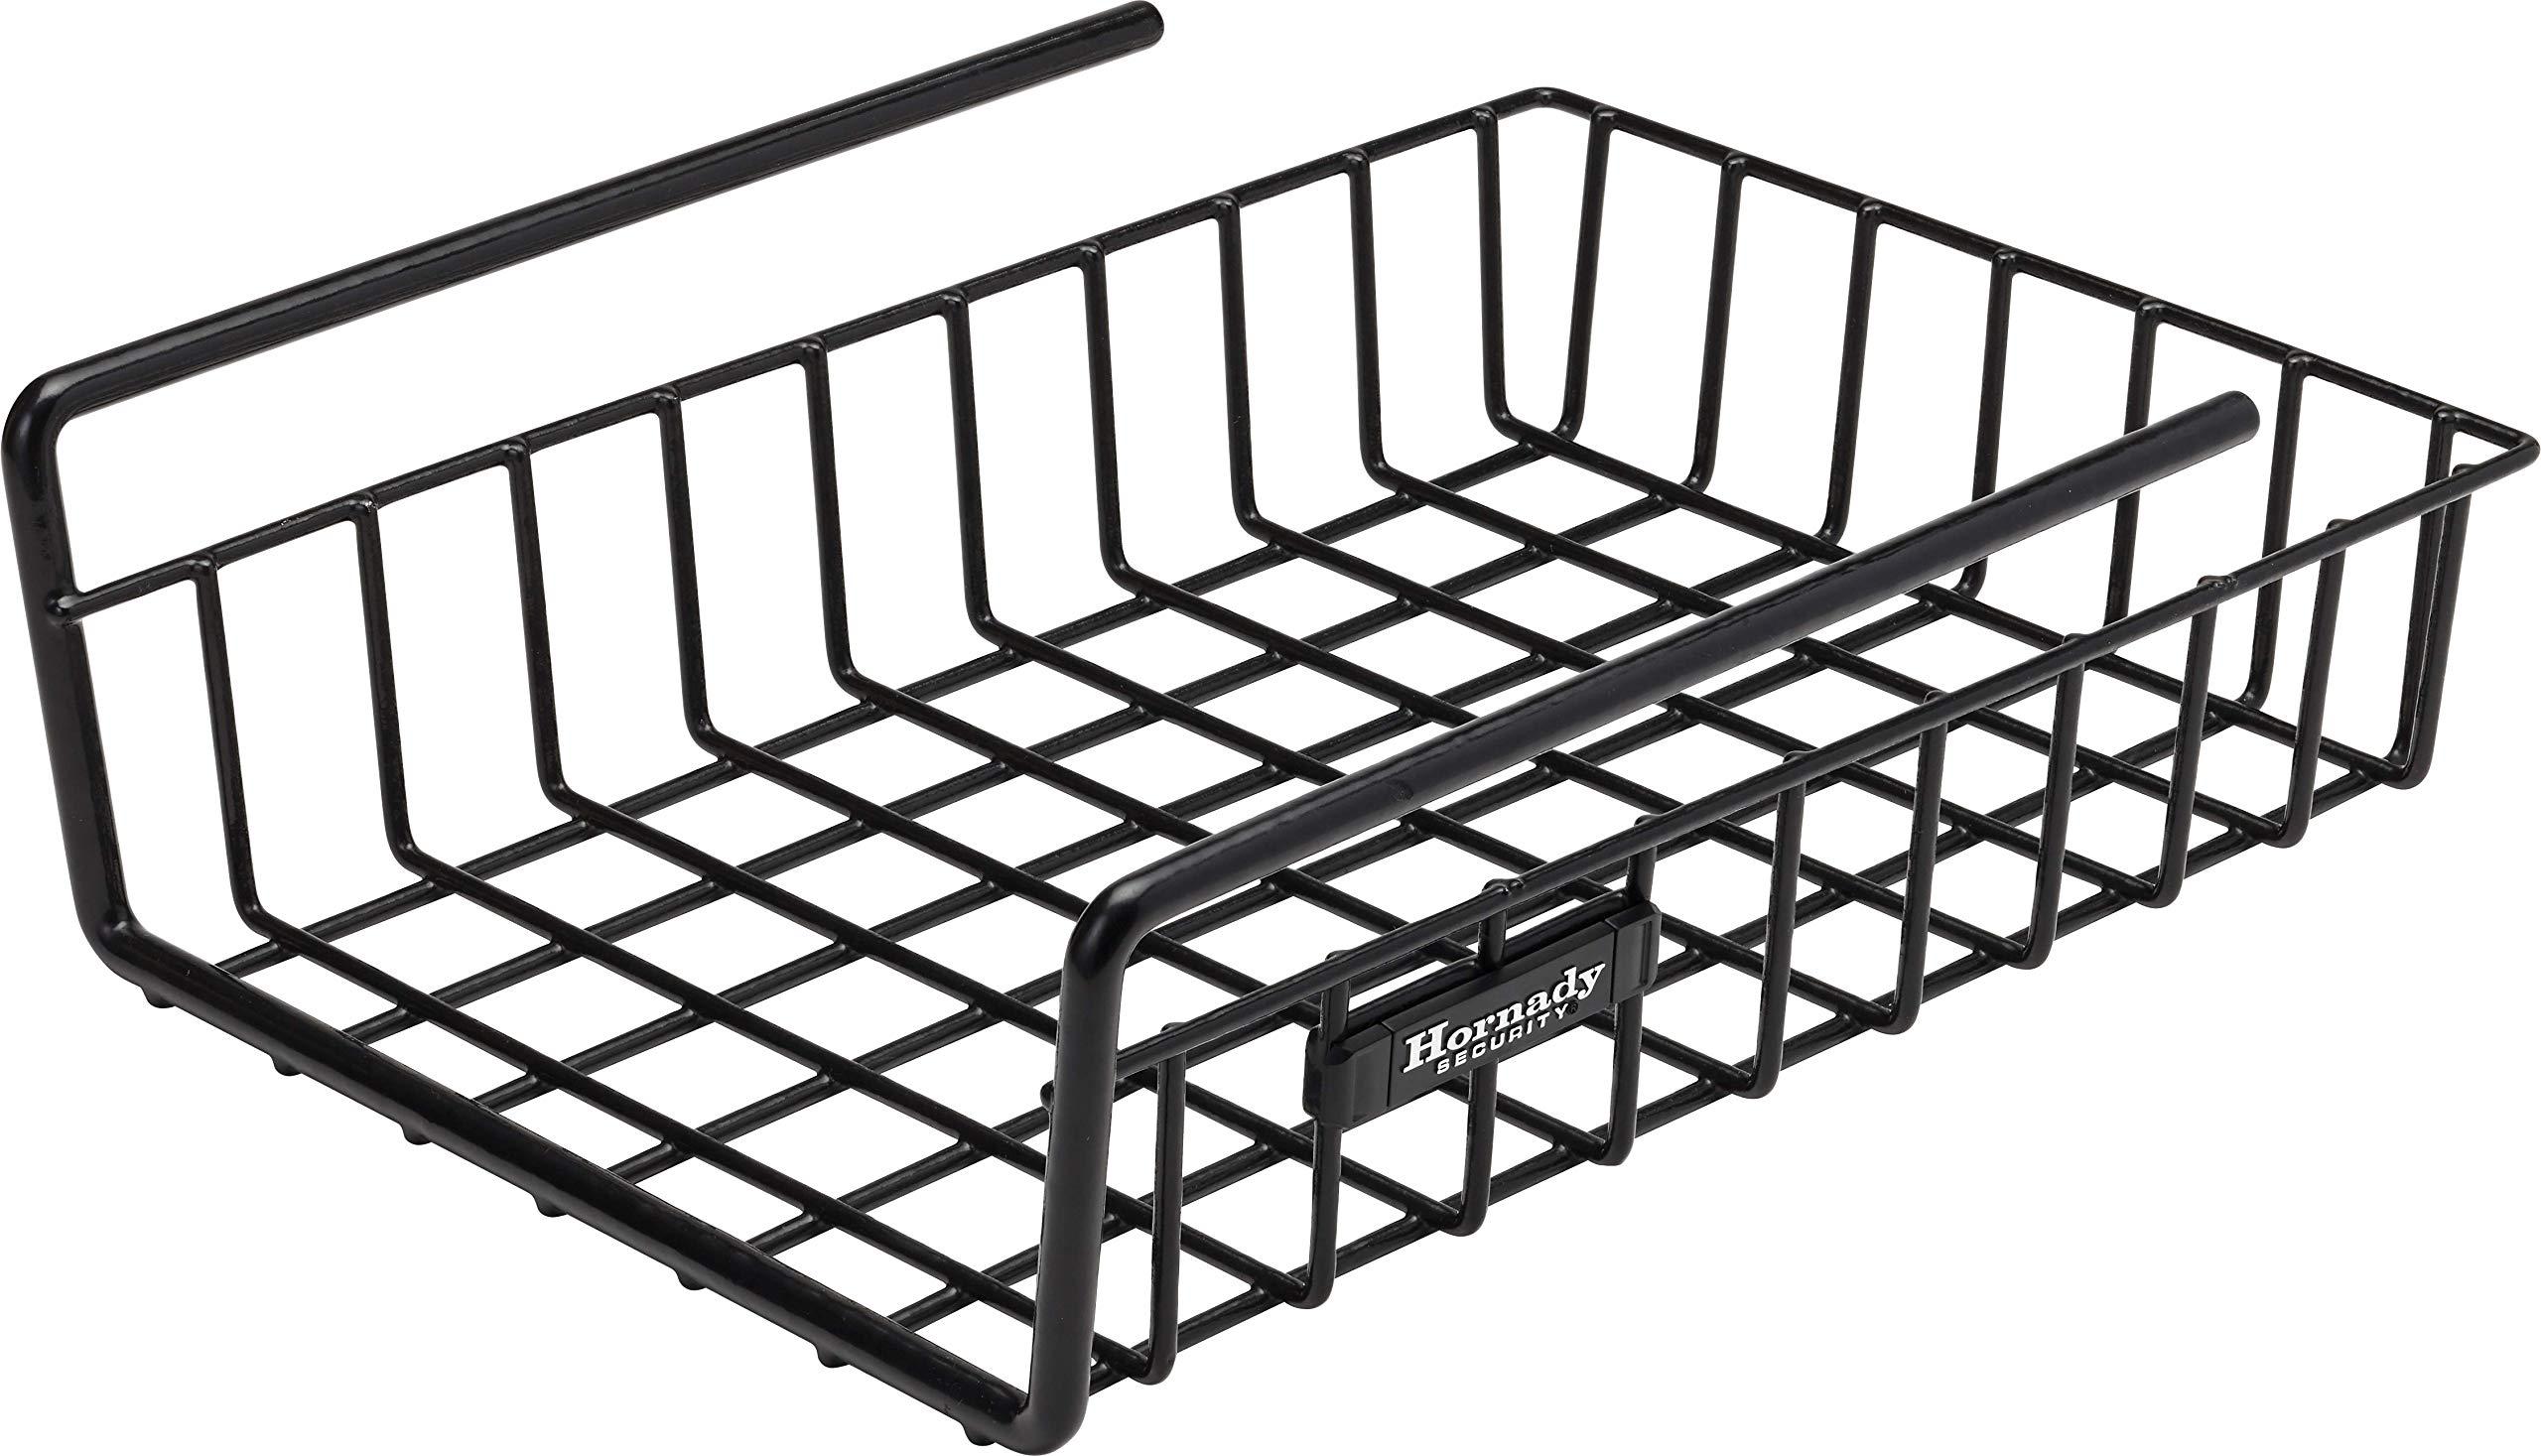 Hornady, Under Shelf Magnum Storage Basket, 8 1/2'' x 14'', Black